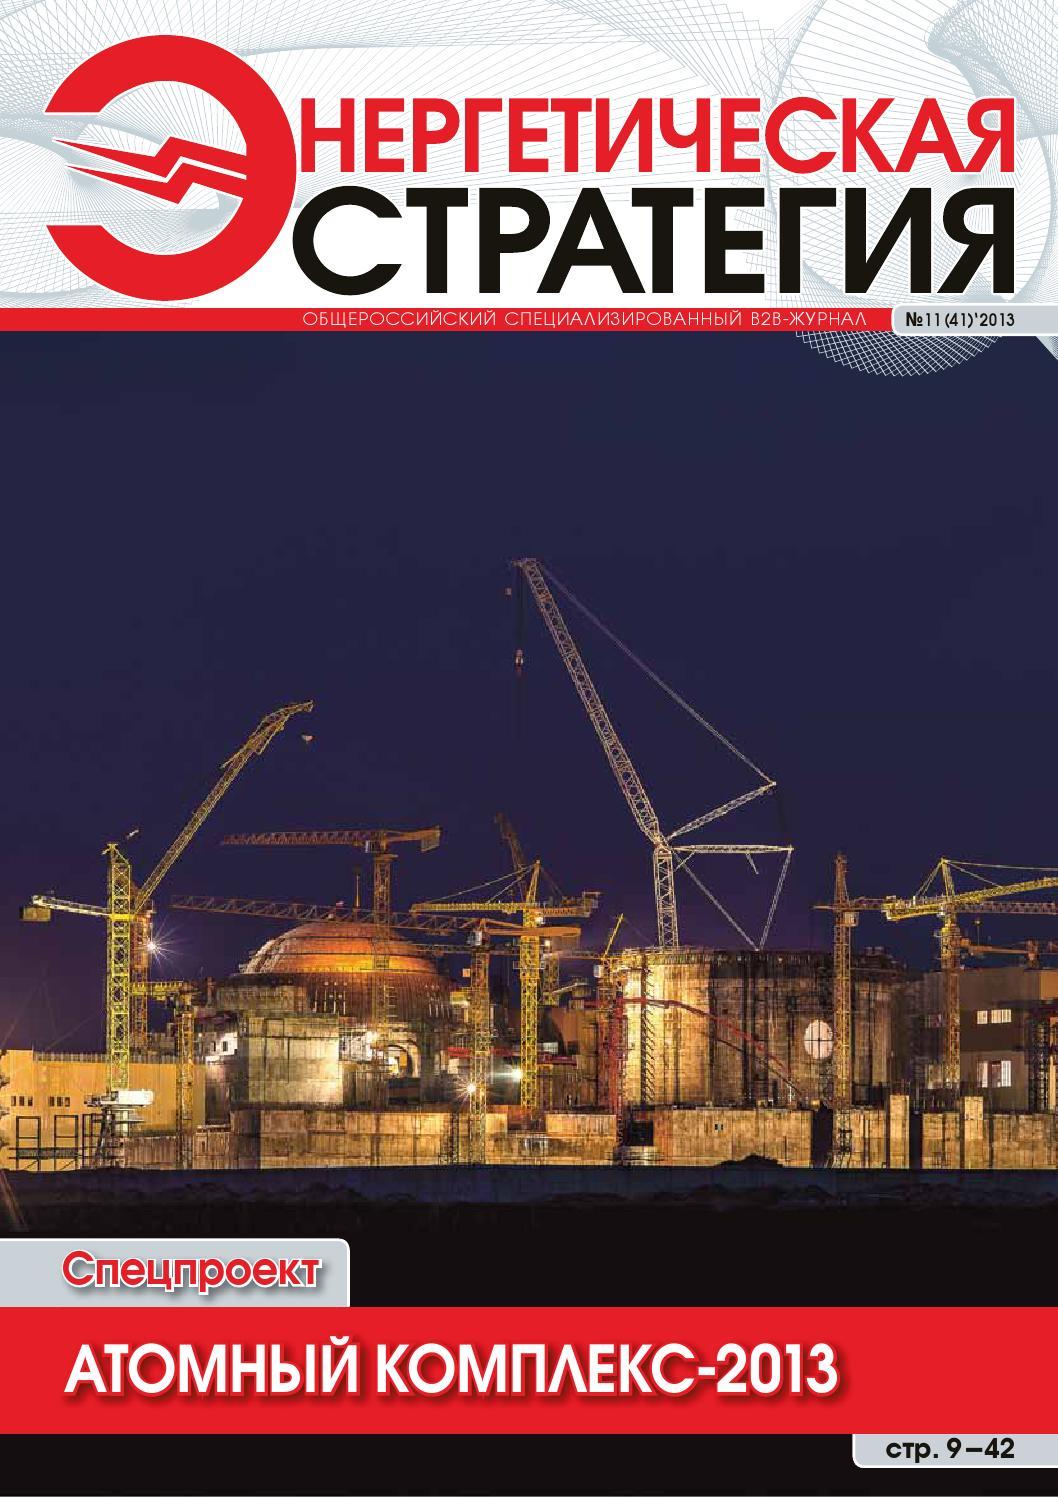 Стальконструкция строительная компания Ижевск строительная компания делающая фундамент на винтовых сваях